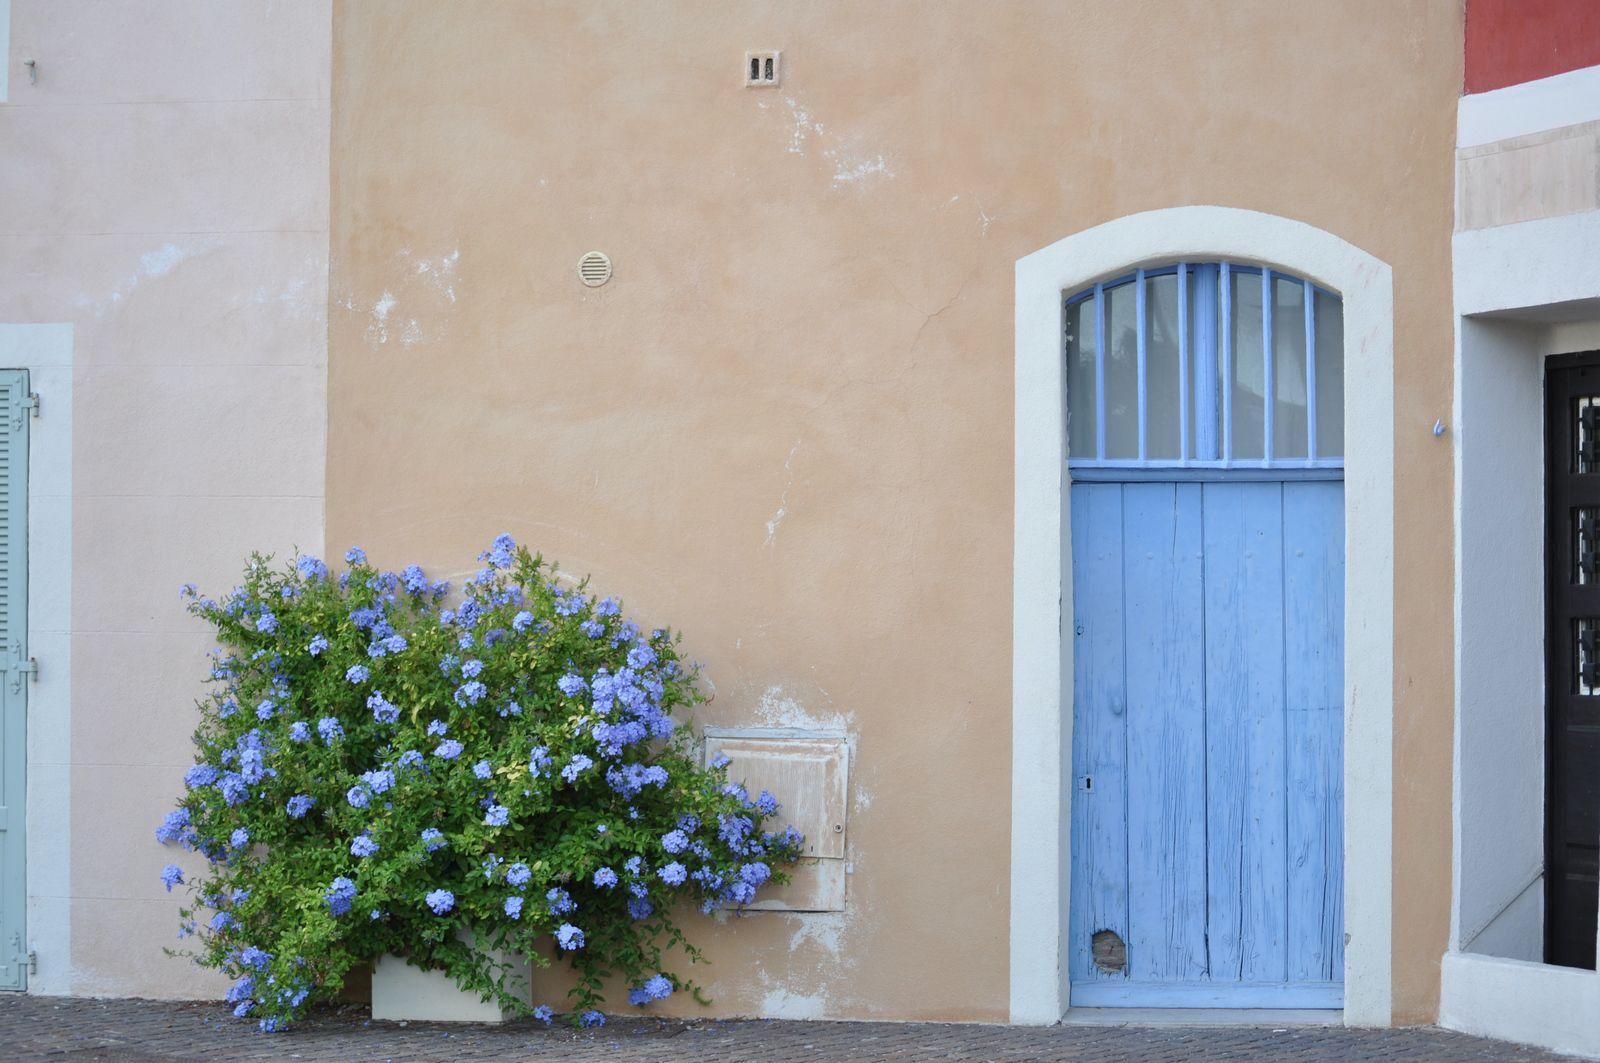 jean luc lagarce : du luxe et de l'impuissance. 1